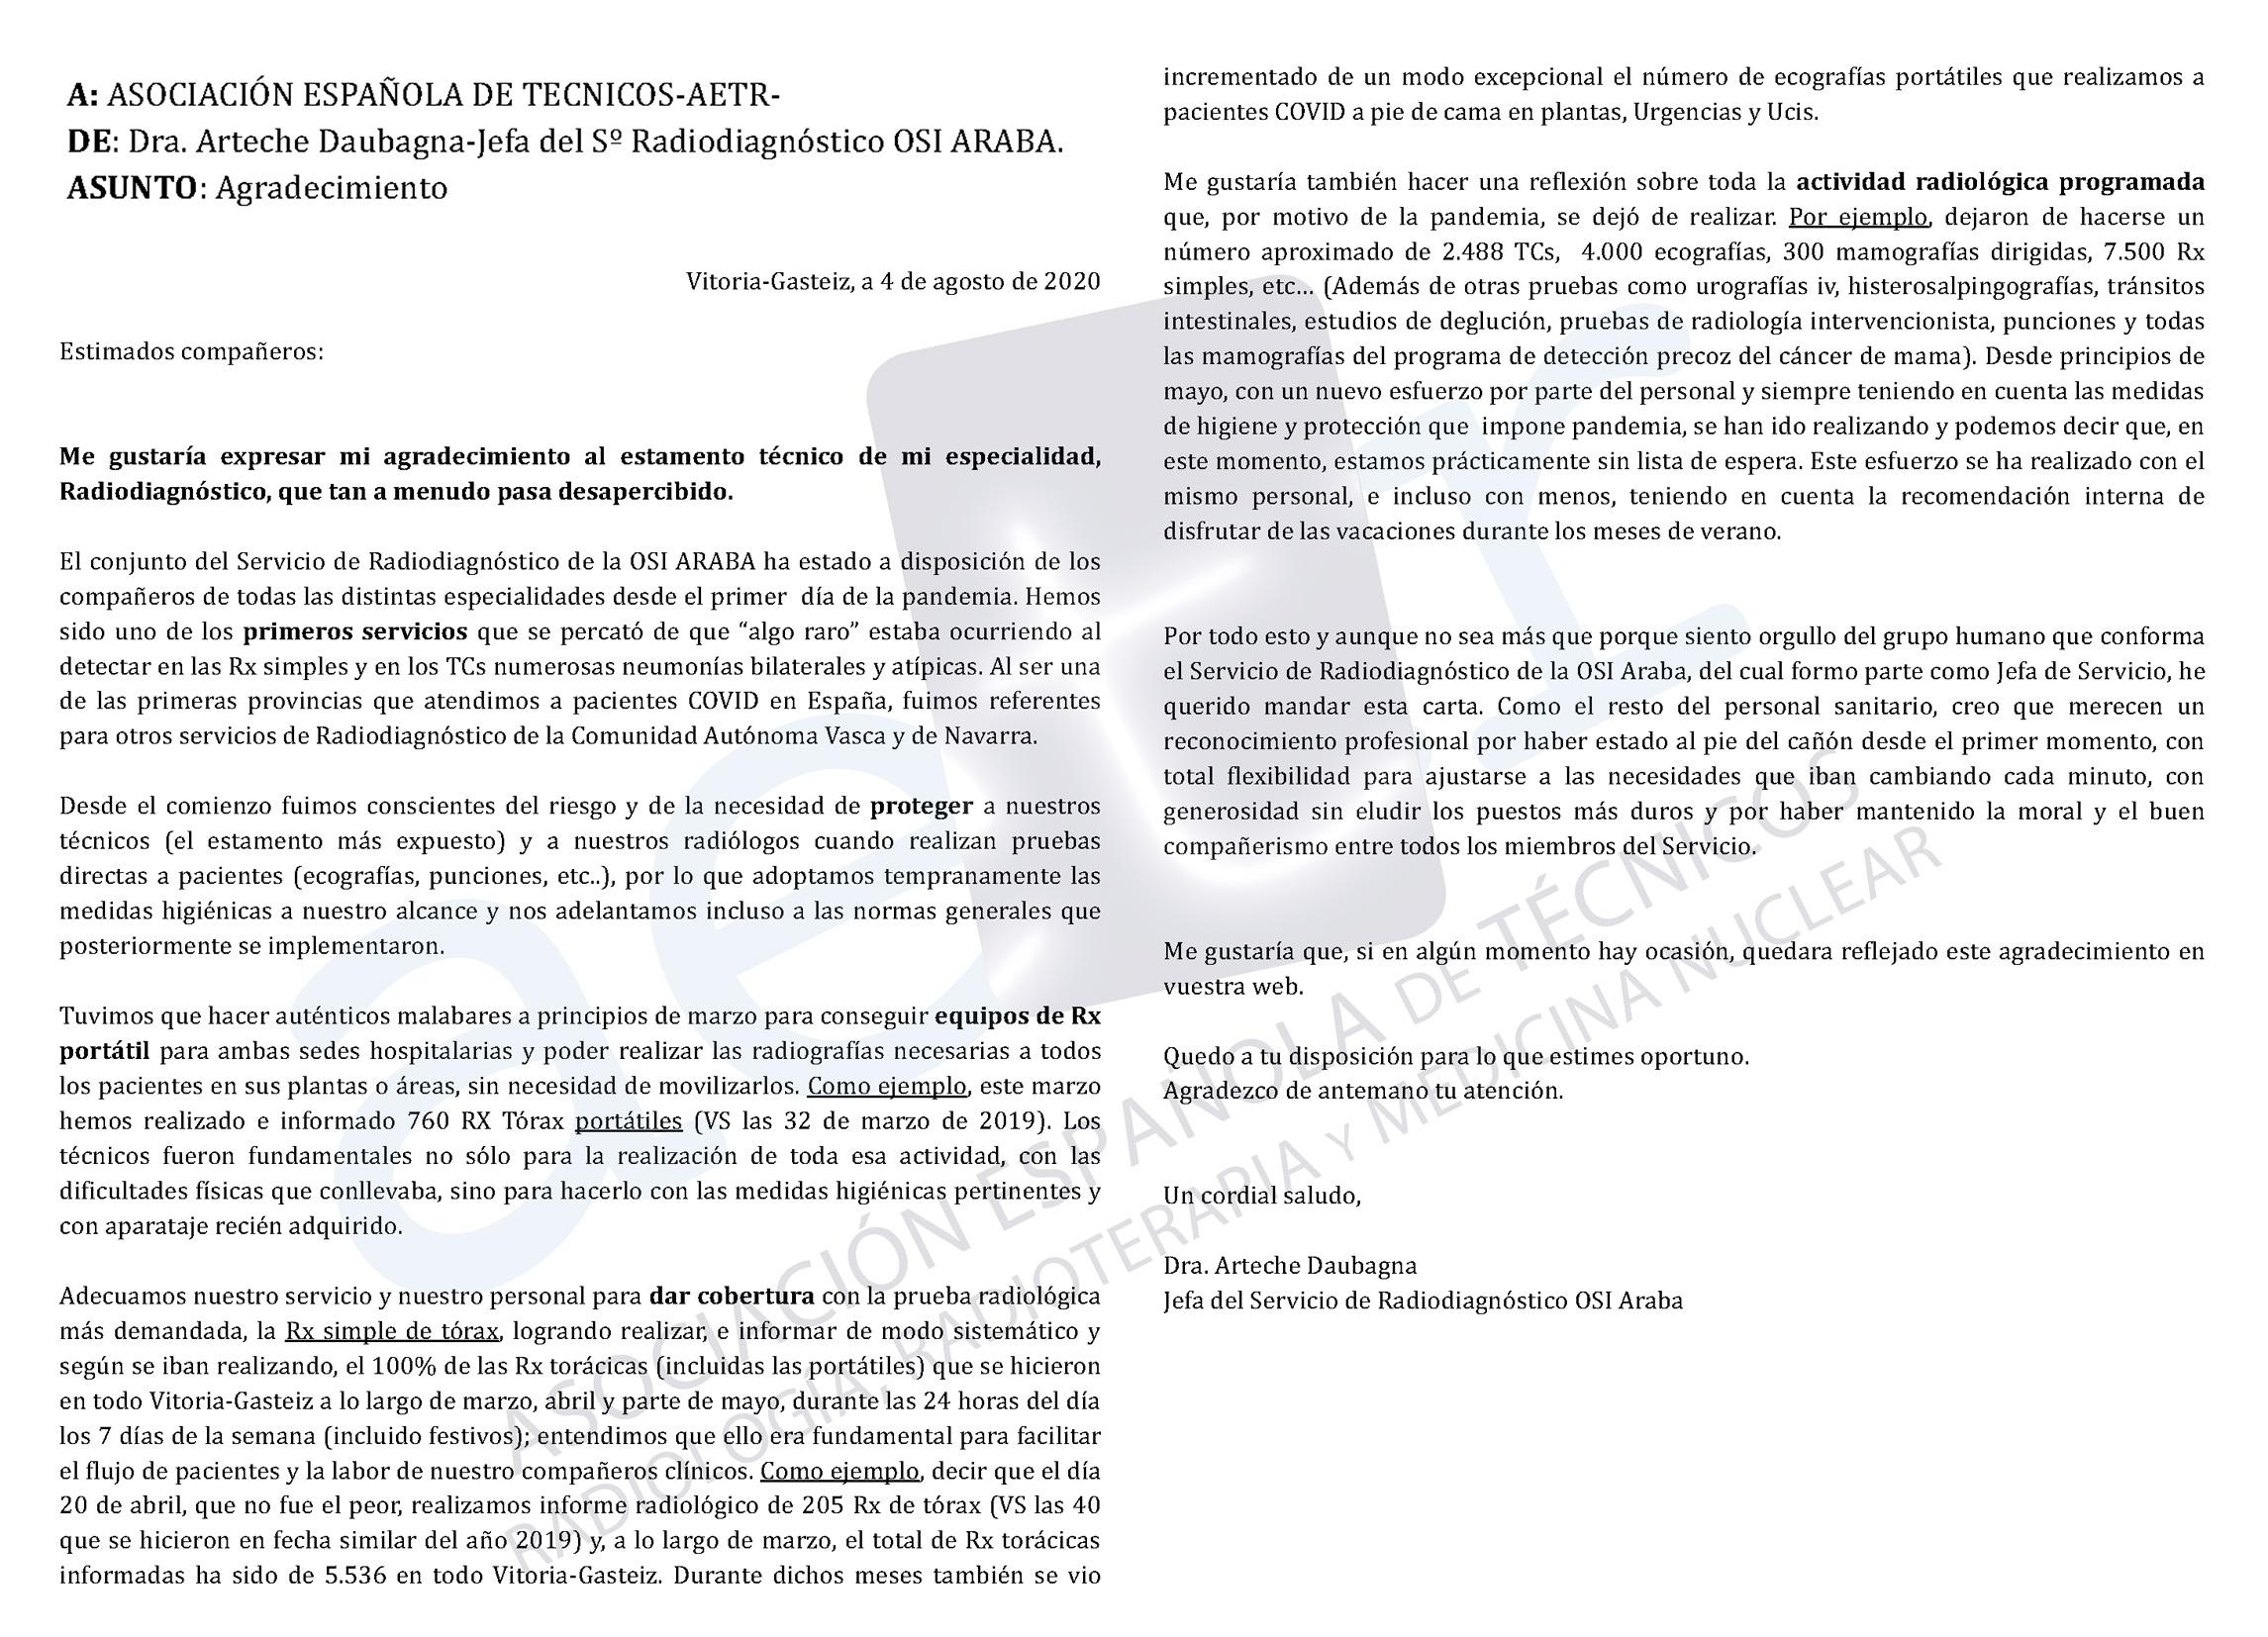 Carta agradecimiento Drª. Arteche Daubagna (Jefa Sº Radiodiagnóstico OSI ARABA) a los TSID por su gran labor y profesionalidad